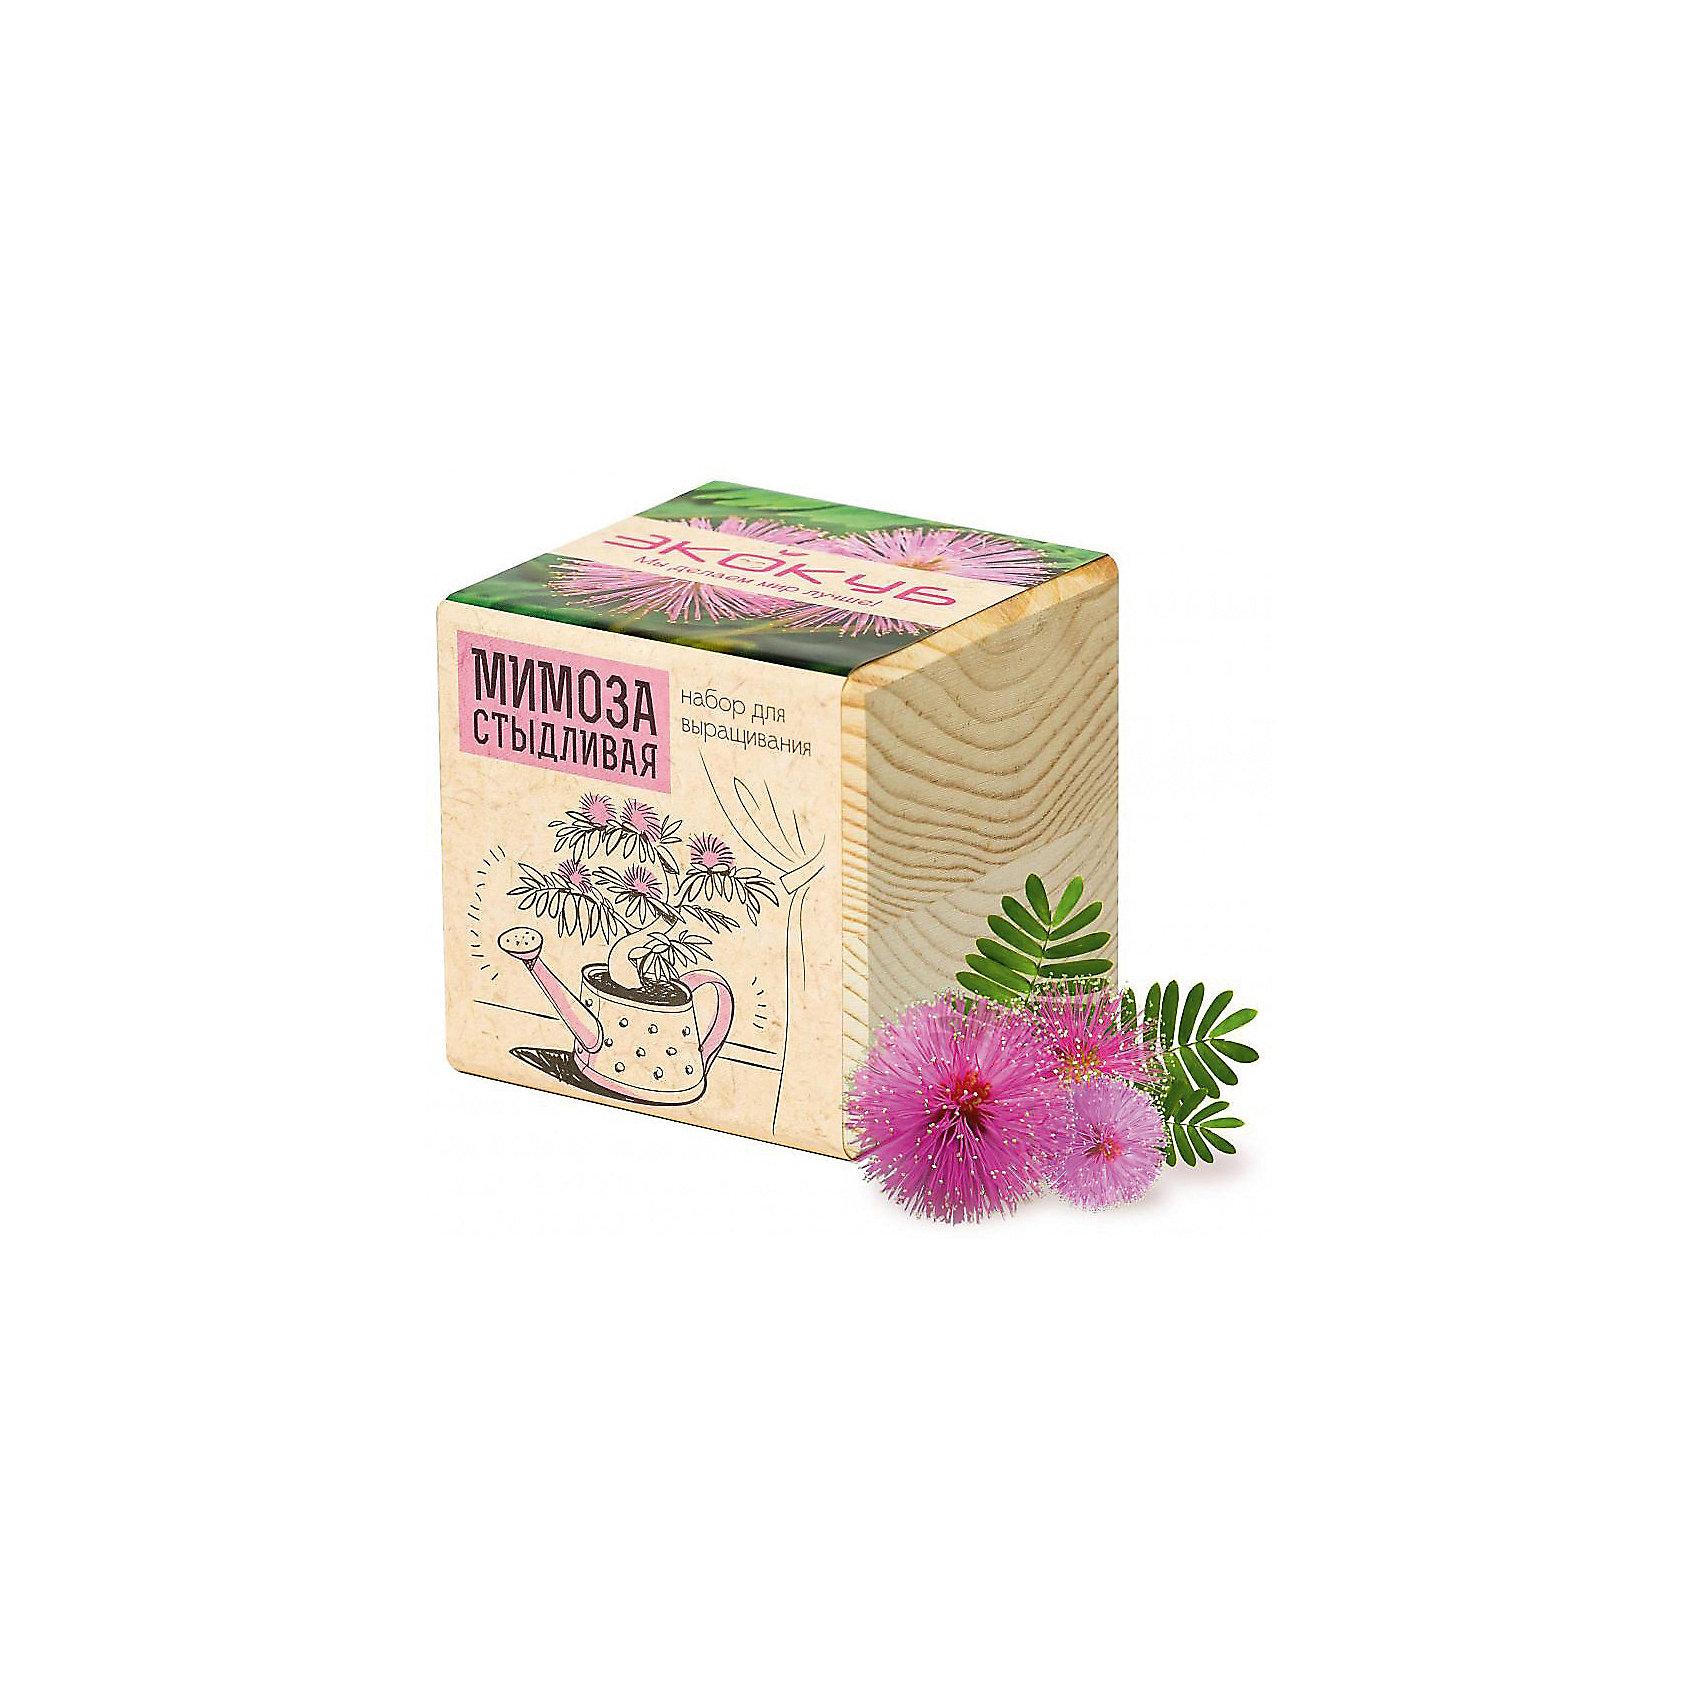 Набор для выращивания Мимоза, ЭкокубНаборы для выращивания растений<br>Наборы Эко Куб - удивительная вещь, которая станет необычным украшением дома или оригинальным подарком. С виду это лишь маленьникй деревянный кубик, но внутри него спрятано настоящее деревце, которое вы самостоятельно сможете прорастить из семечка и собрать урожай. Это увлекательное и полезное занятие для всей семьи, которое поможет родителям стать ближе к своим детям. Набор учит ребенка заботиться о живых существах, воспитывает чувство ответственности.<br><br>Ширина мм: 80<br>Глубина мм: 80<br>Высота мм: 80<br>Вес г: 185<br>Возраст от месяцев: 60<br>Возраст до месяцев: 2147483647<br>Пол: Унисекс<br>Возраст: Детский<br>SKU: 5596054